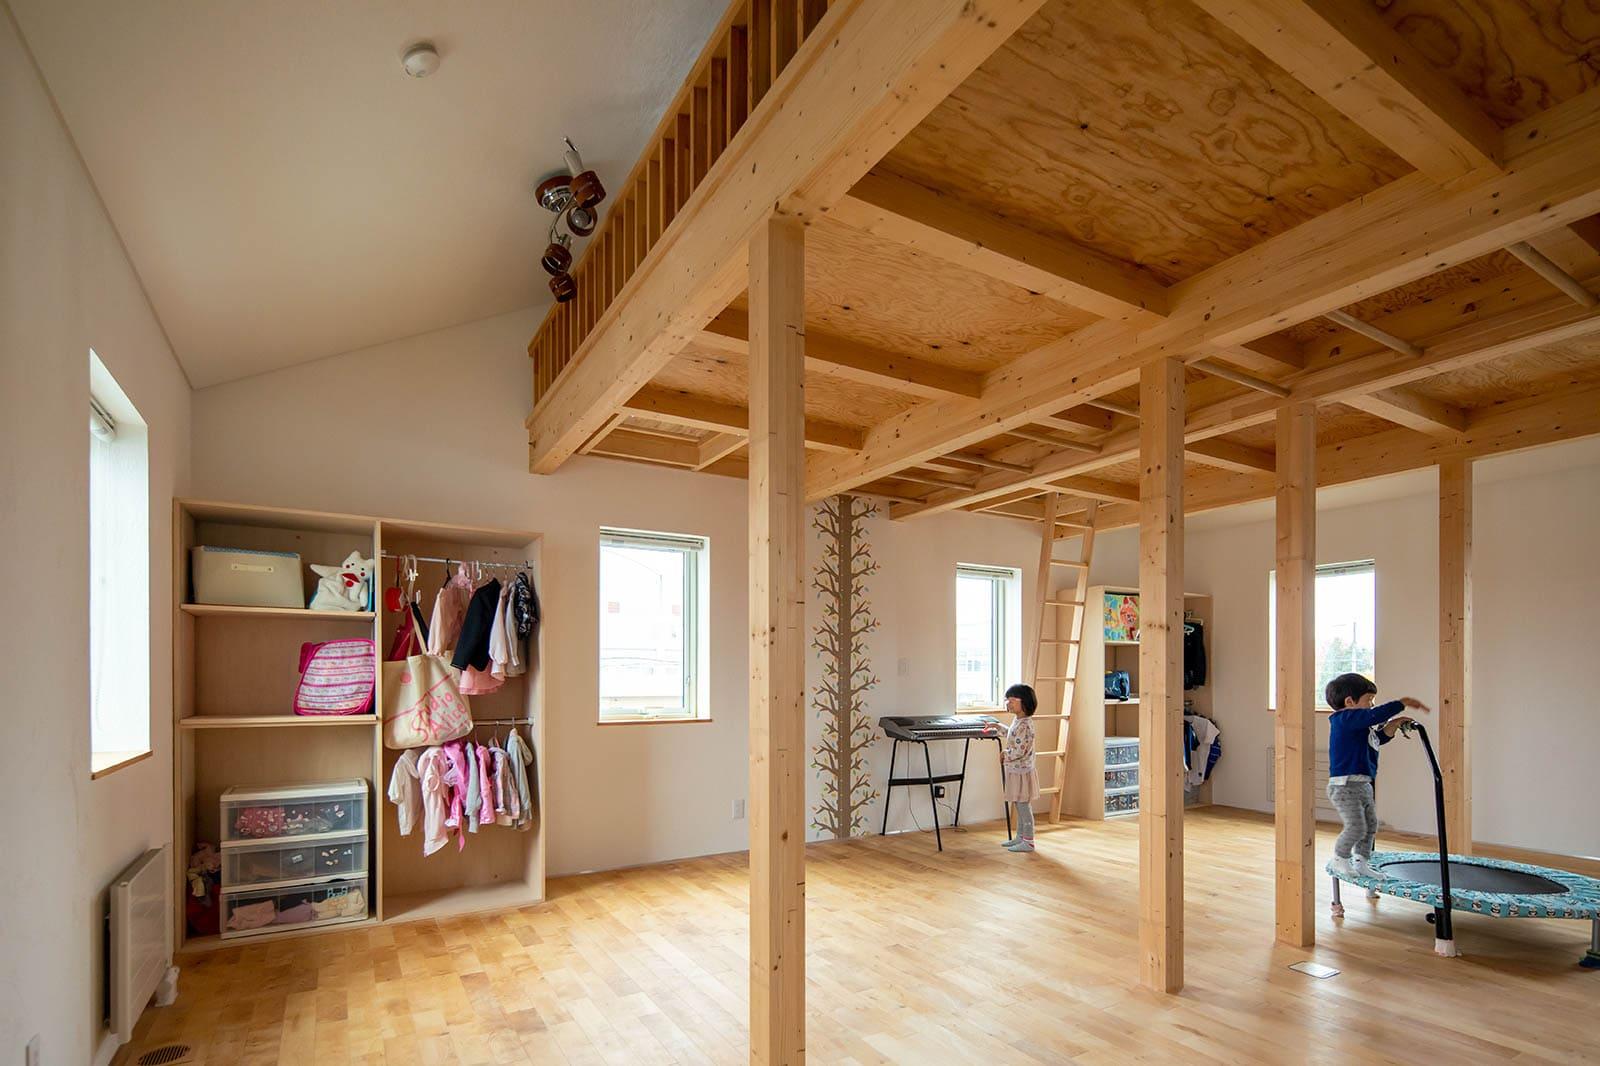 2階に設けられたロフト付きの子ども部屋は、間仕切りのないワンルーム仕様。子どもたちの成長に合わせて、4つの個室に分ける予定